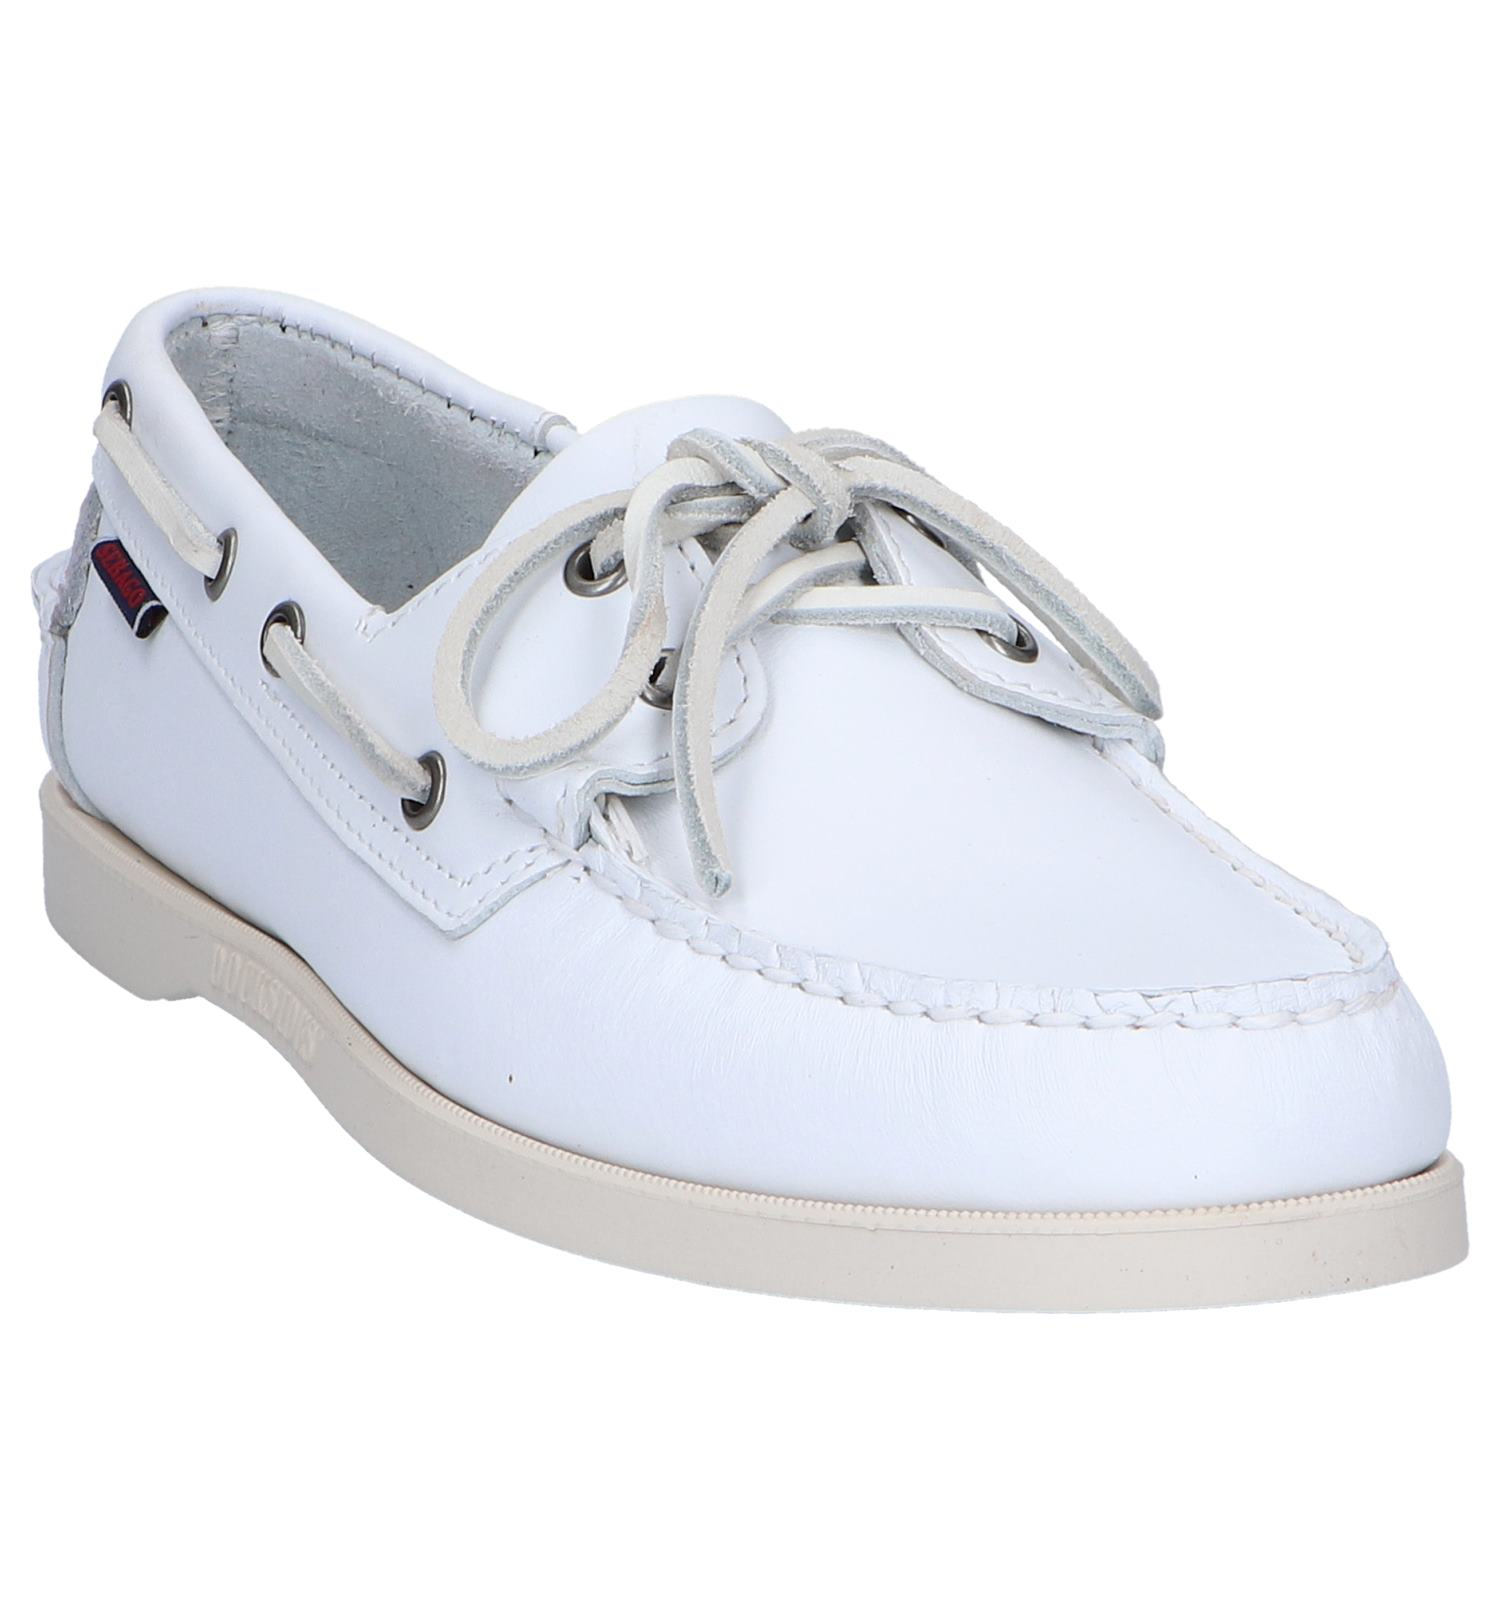 Witte Bootschoenen Sebago Dockside | TORFS.BE | Gratis